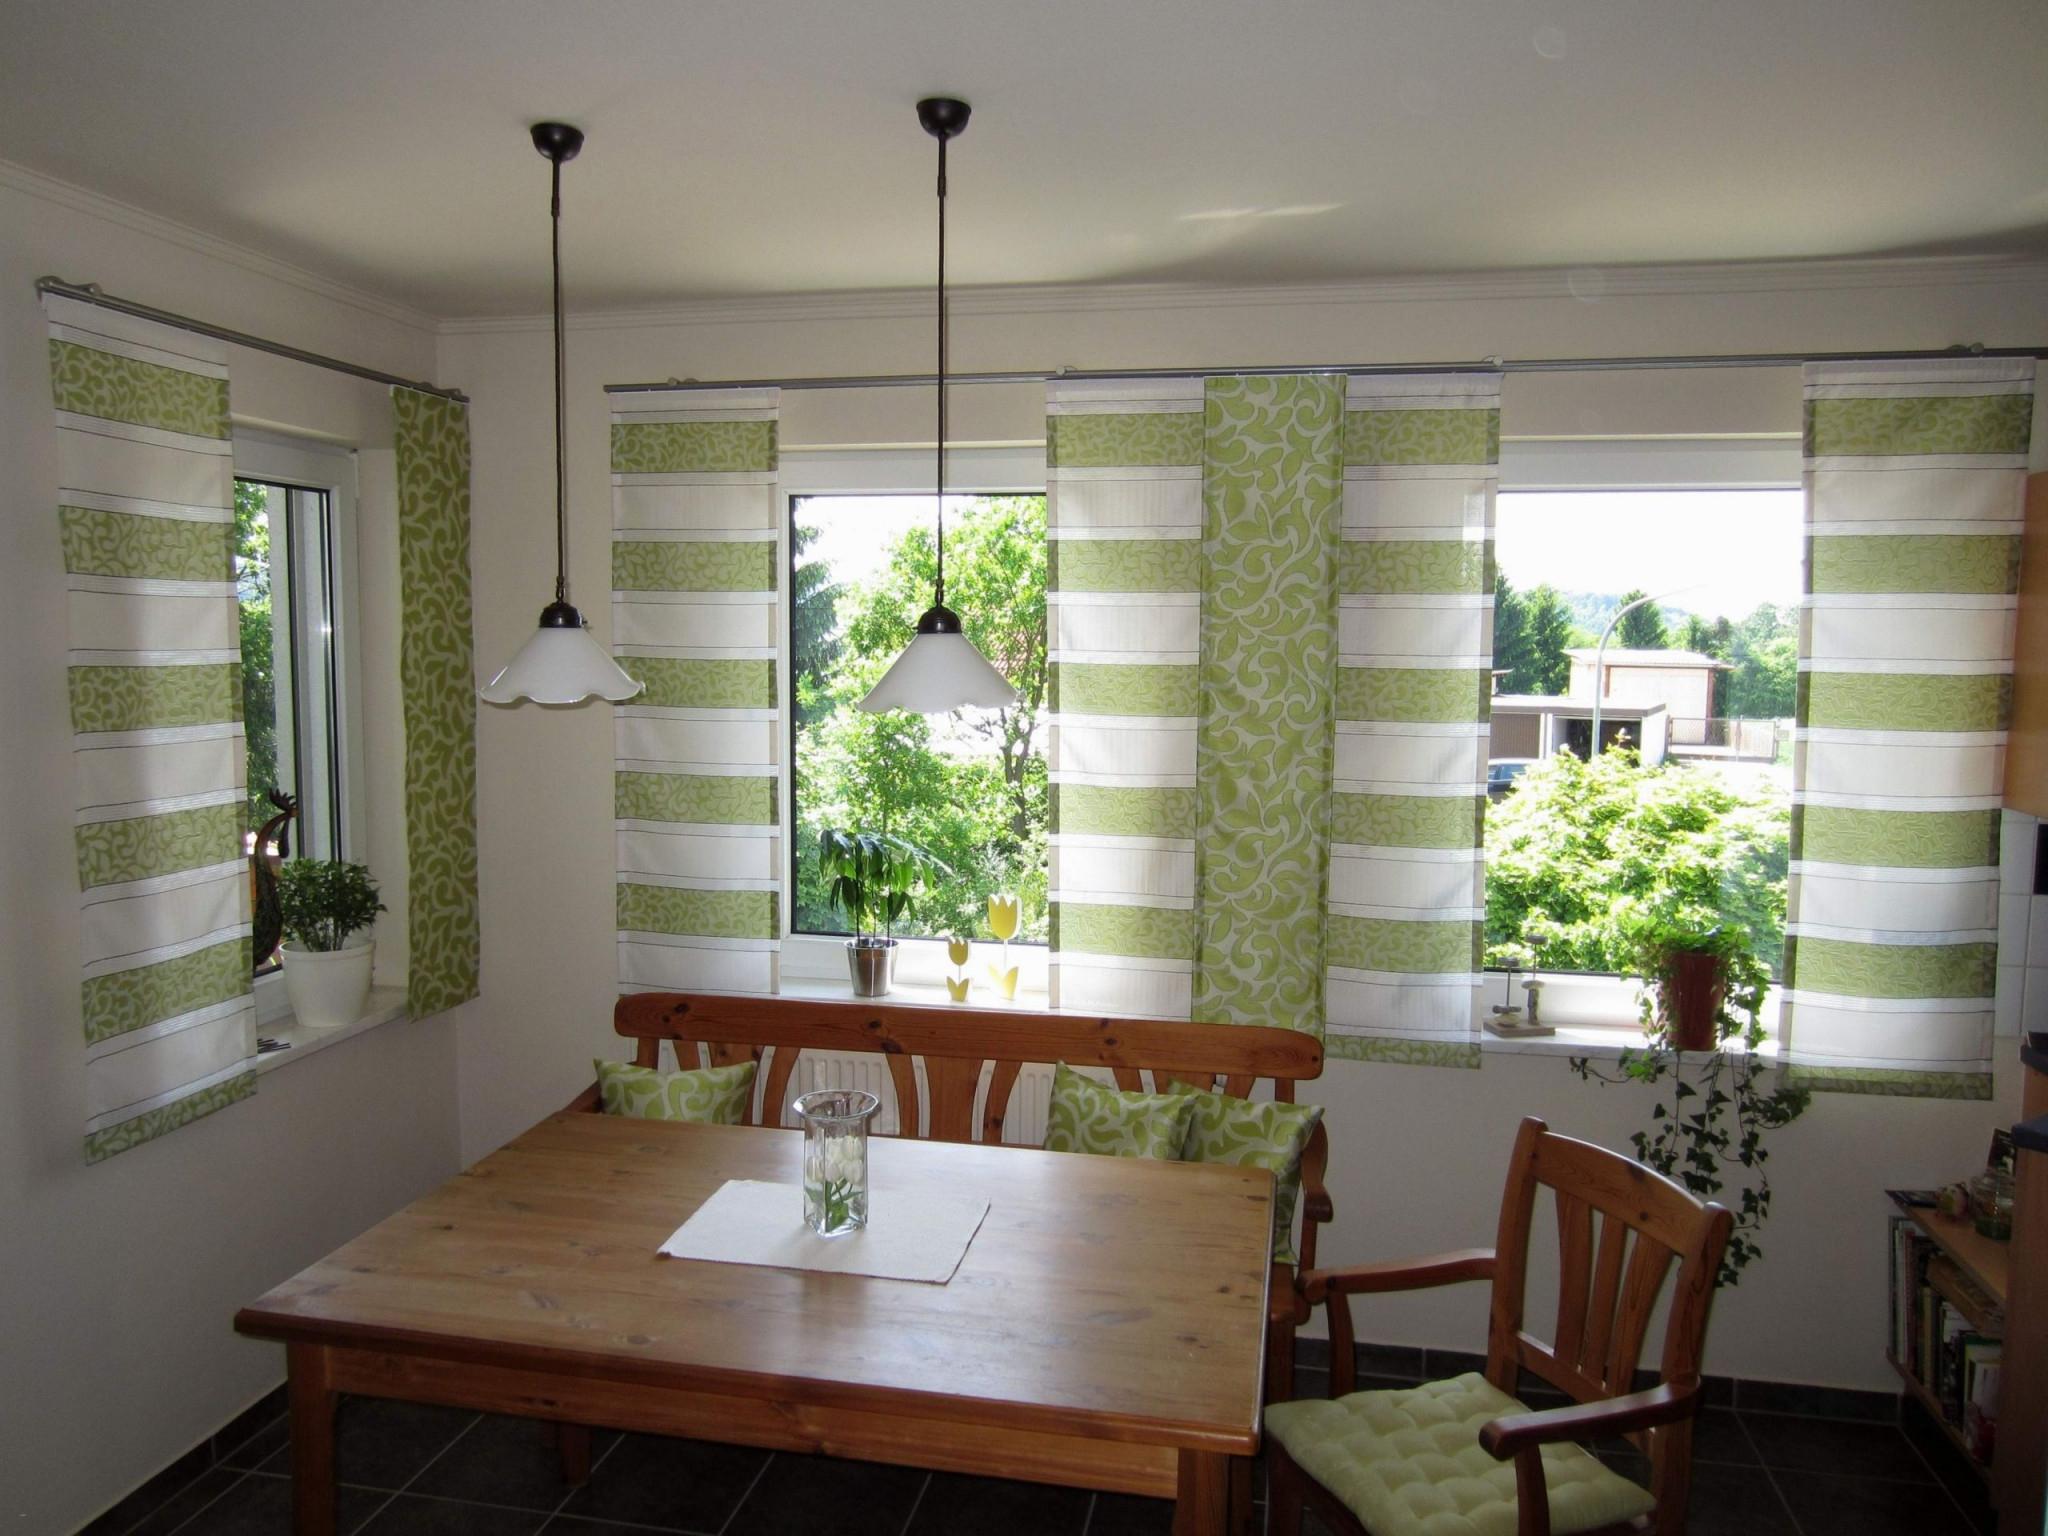 34 Luxus Fenstergestaltung Wohnzimmer Genial  Wohnzimmer Frisch von Fenstergestaltung Wohnzimmer Ohne Gardinen Photo